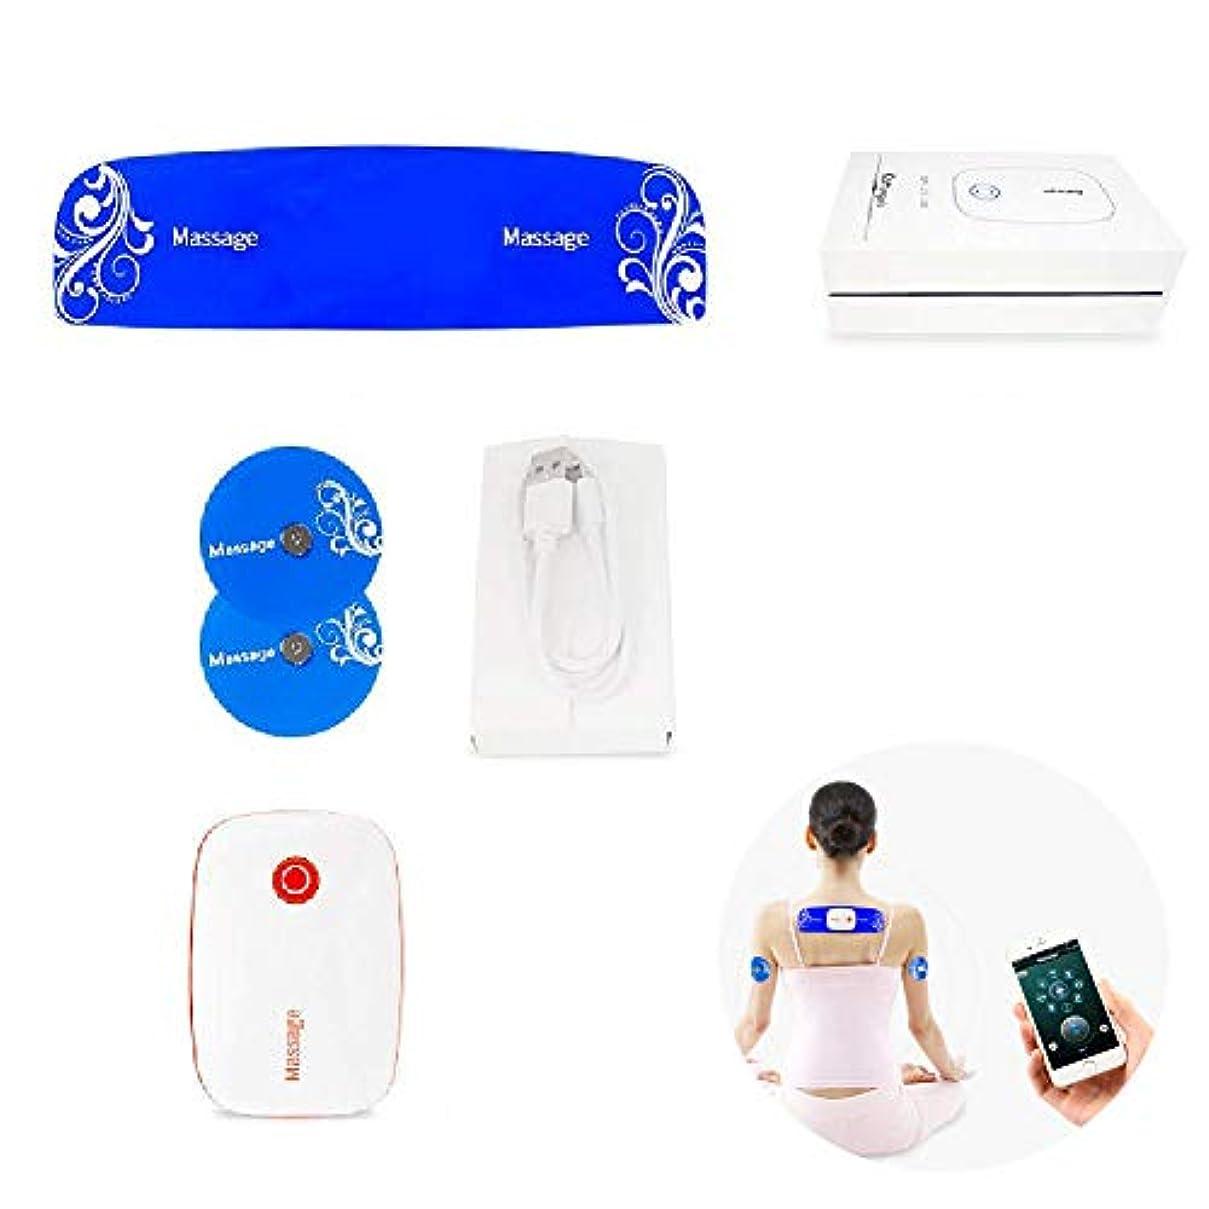 歴史飢えテロリスト首の肩のマッサージャー深い組織のための電動ポータブルAPP Bluetoothコントロール車のホームとオフィス、調整可能なスピード